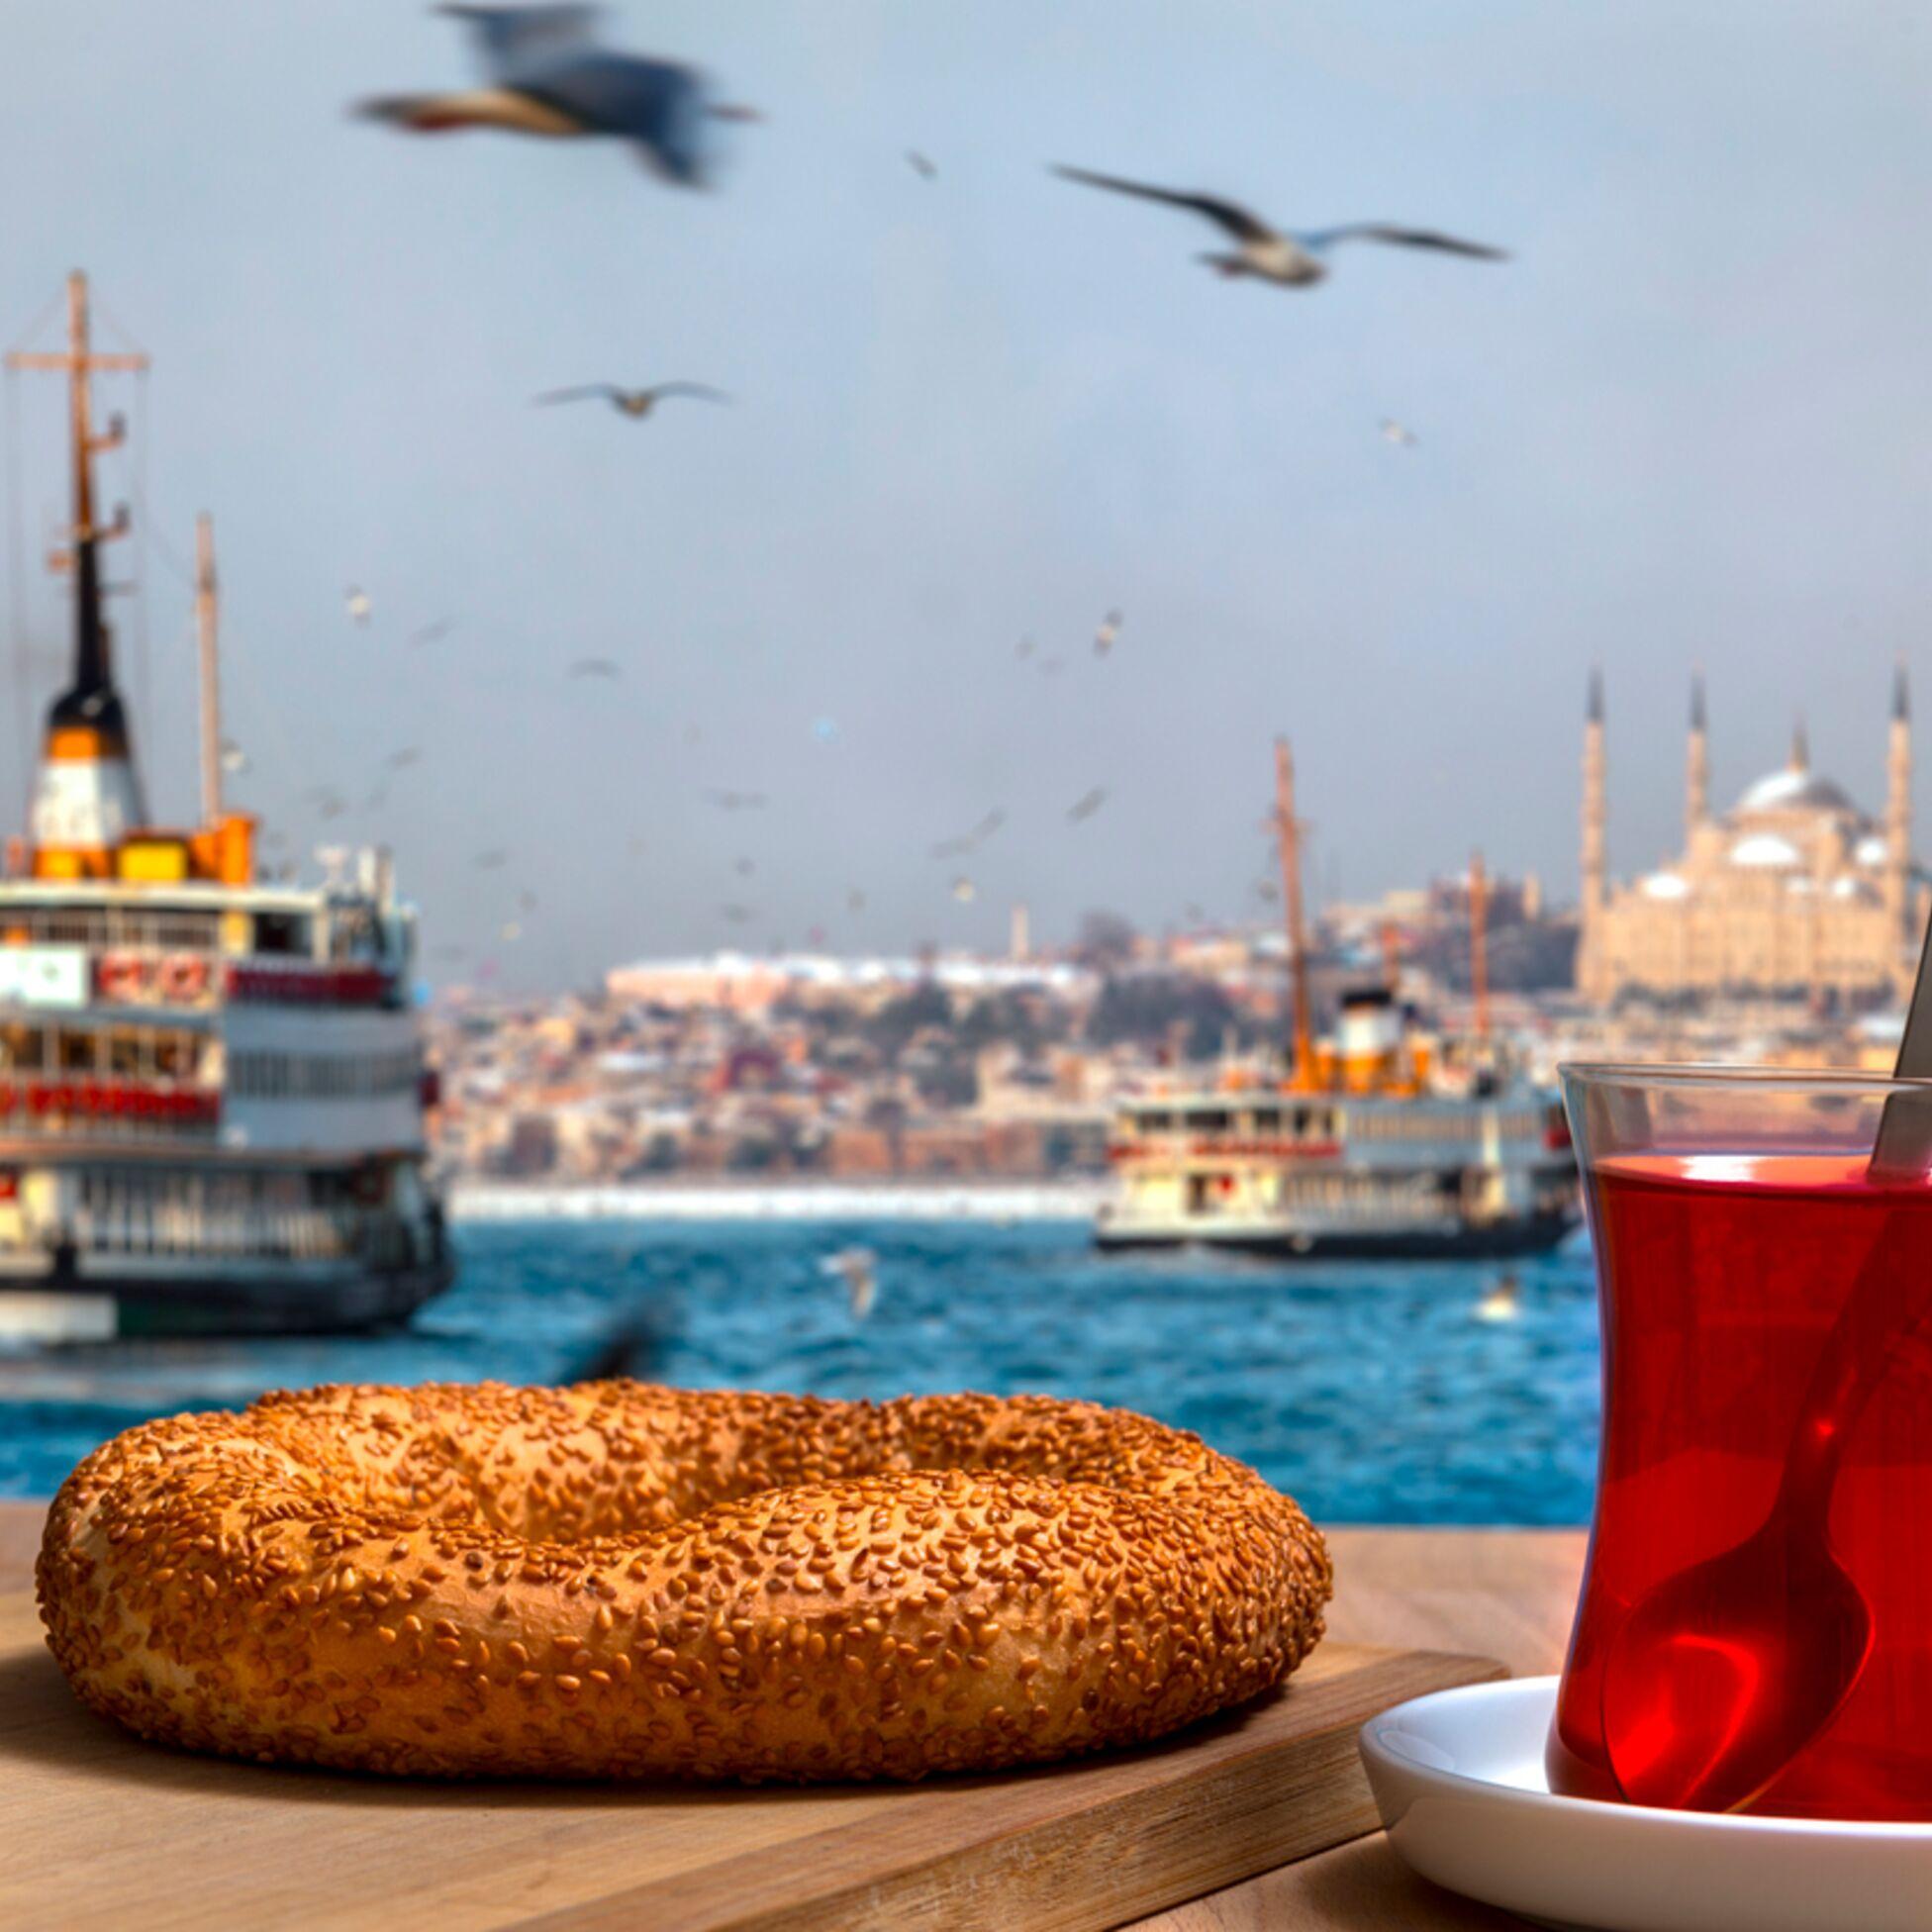 Auswandern in die Türkei: Tee und Gebäck in Istanbul